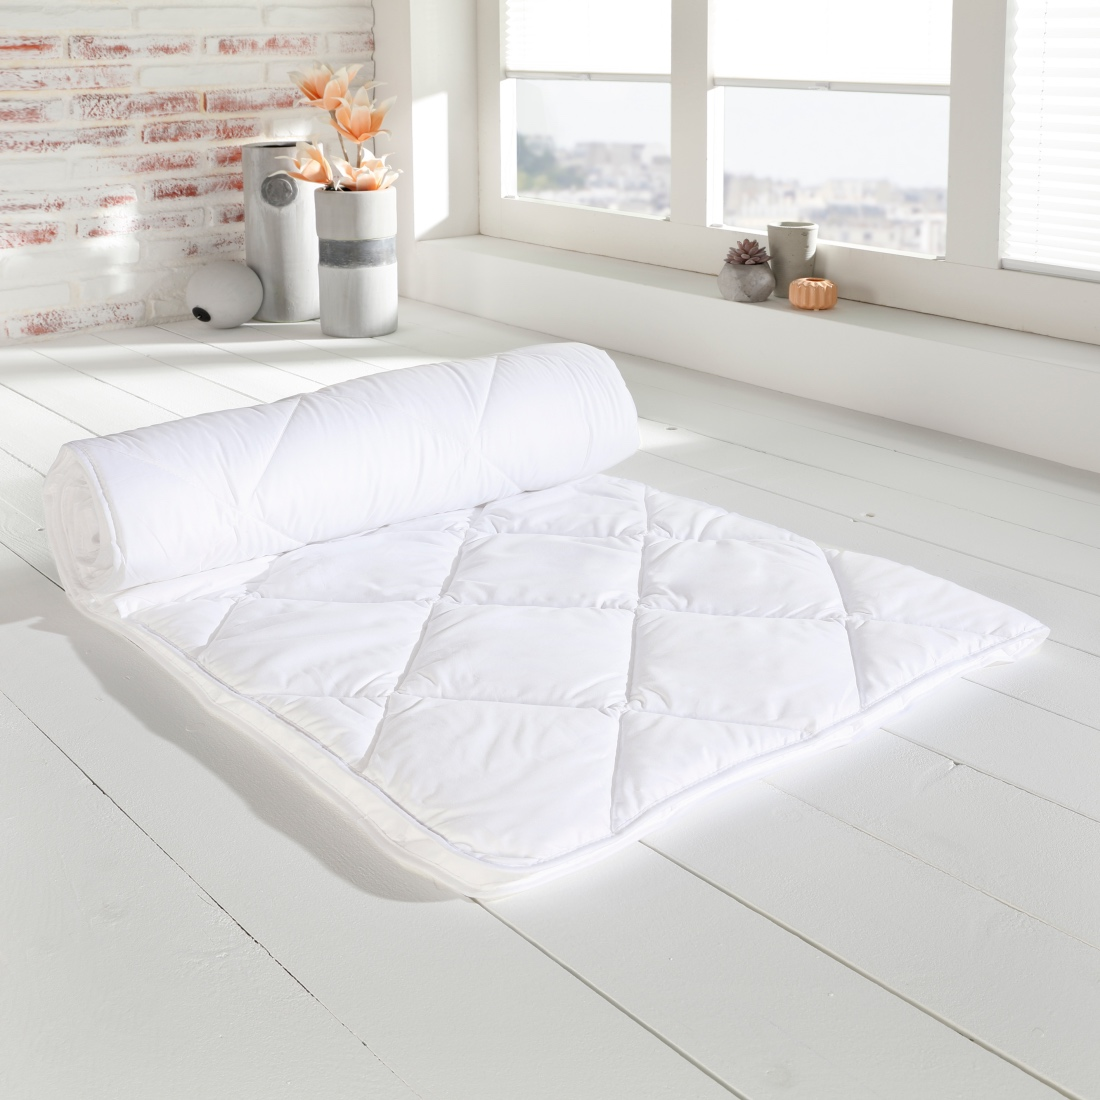 wellnessa steppbett basic 135 200 cm wolkenschloss. Black Bedroom Furniture Sets. Home Design Ideas